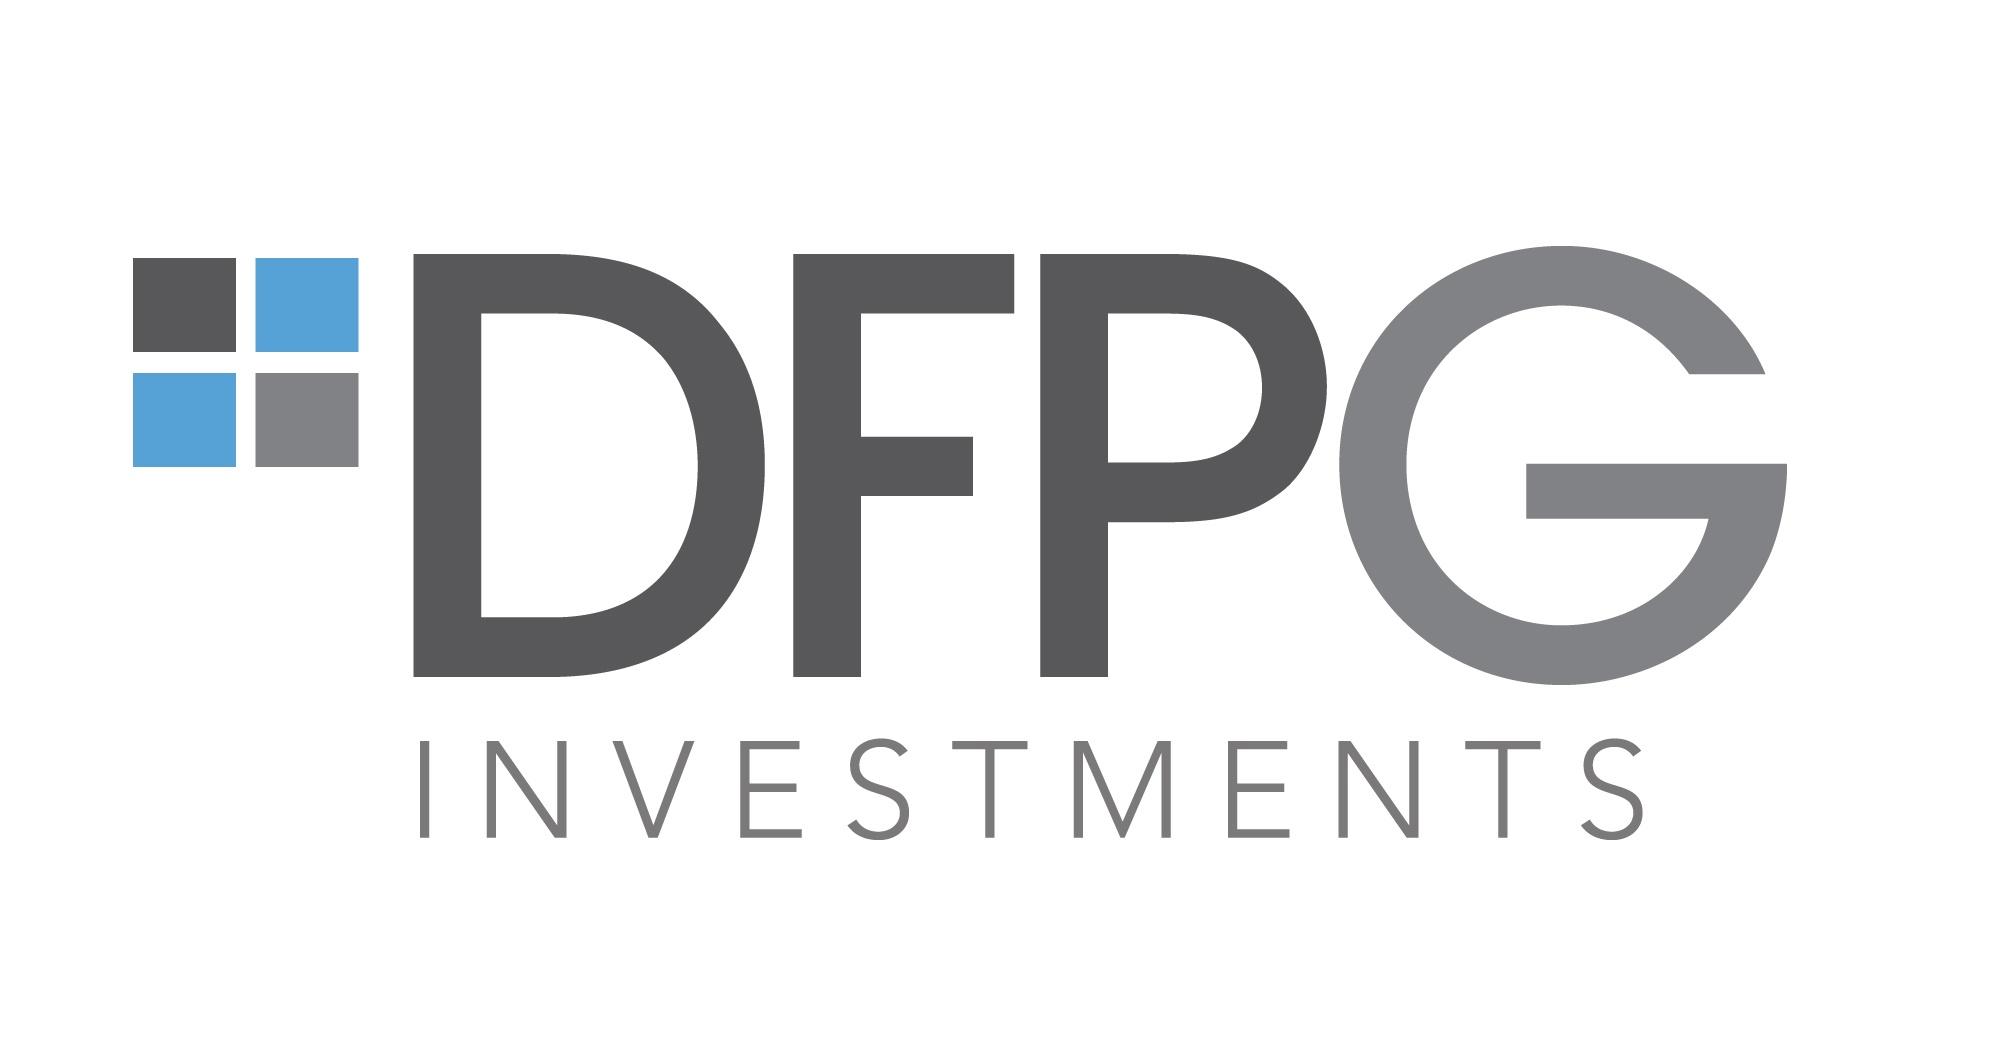 Investment inc